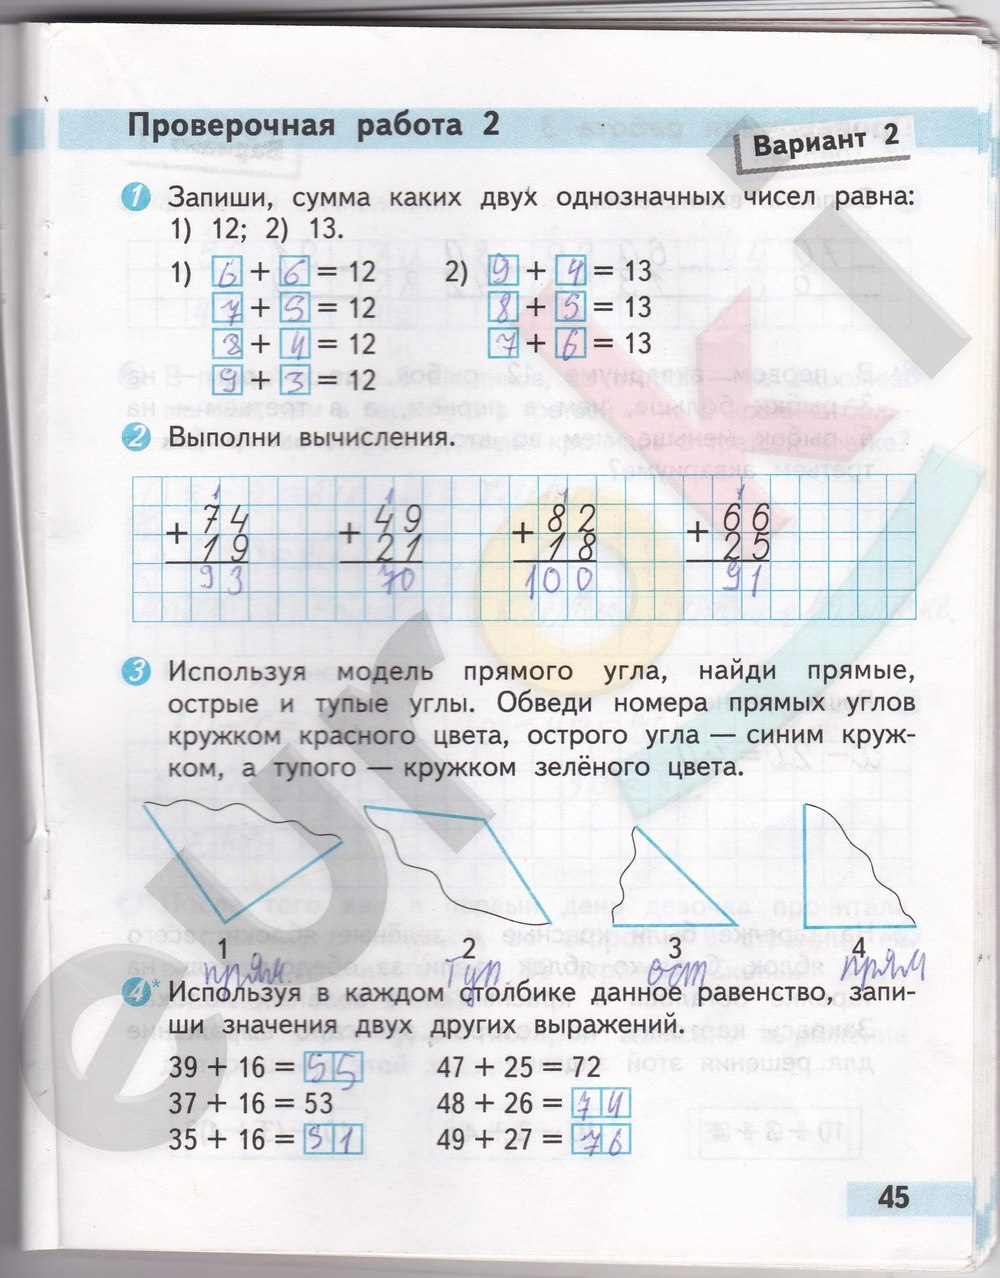 2 работы с.и проверочные решебник класс волкова математика